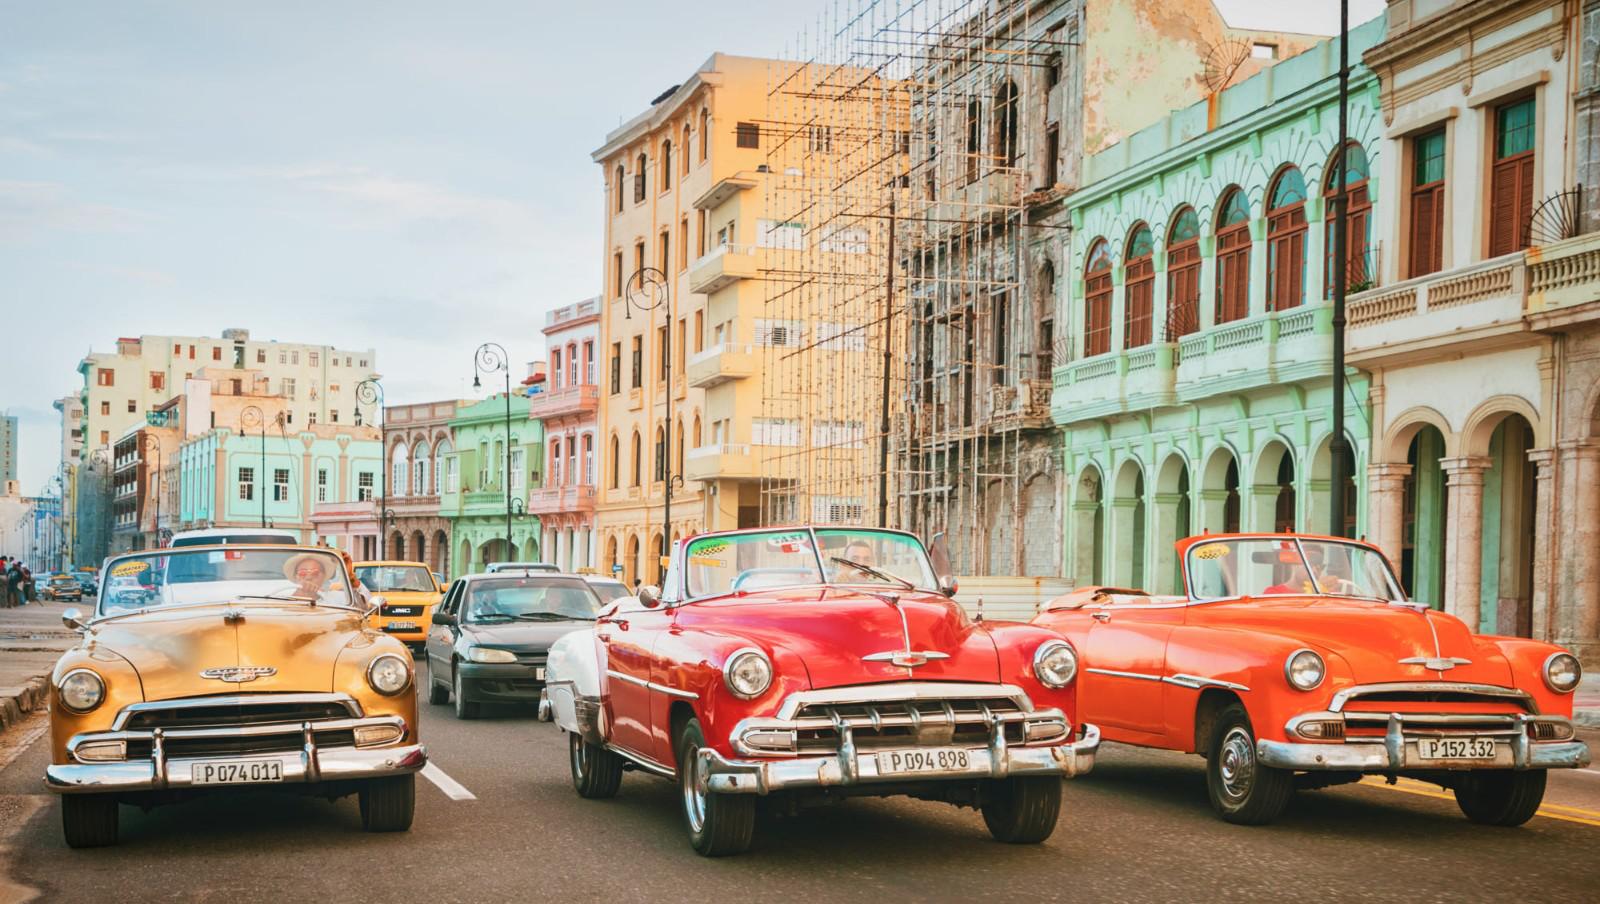 去古巴旅游安全吗?古巴自由行有哪些不容错过的体验?